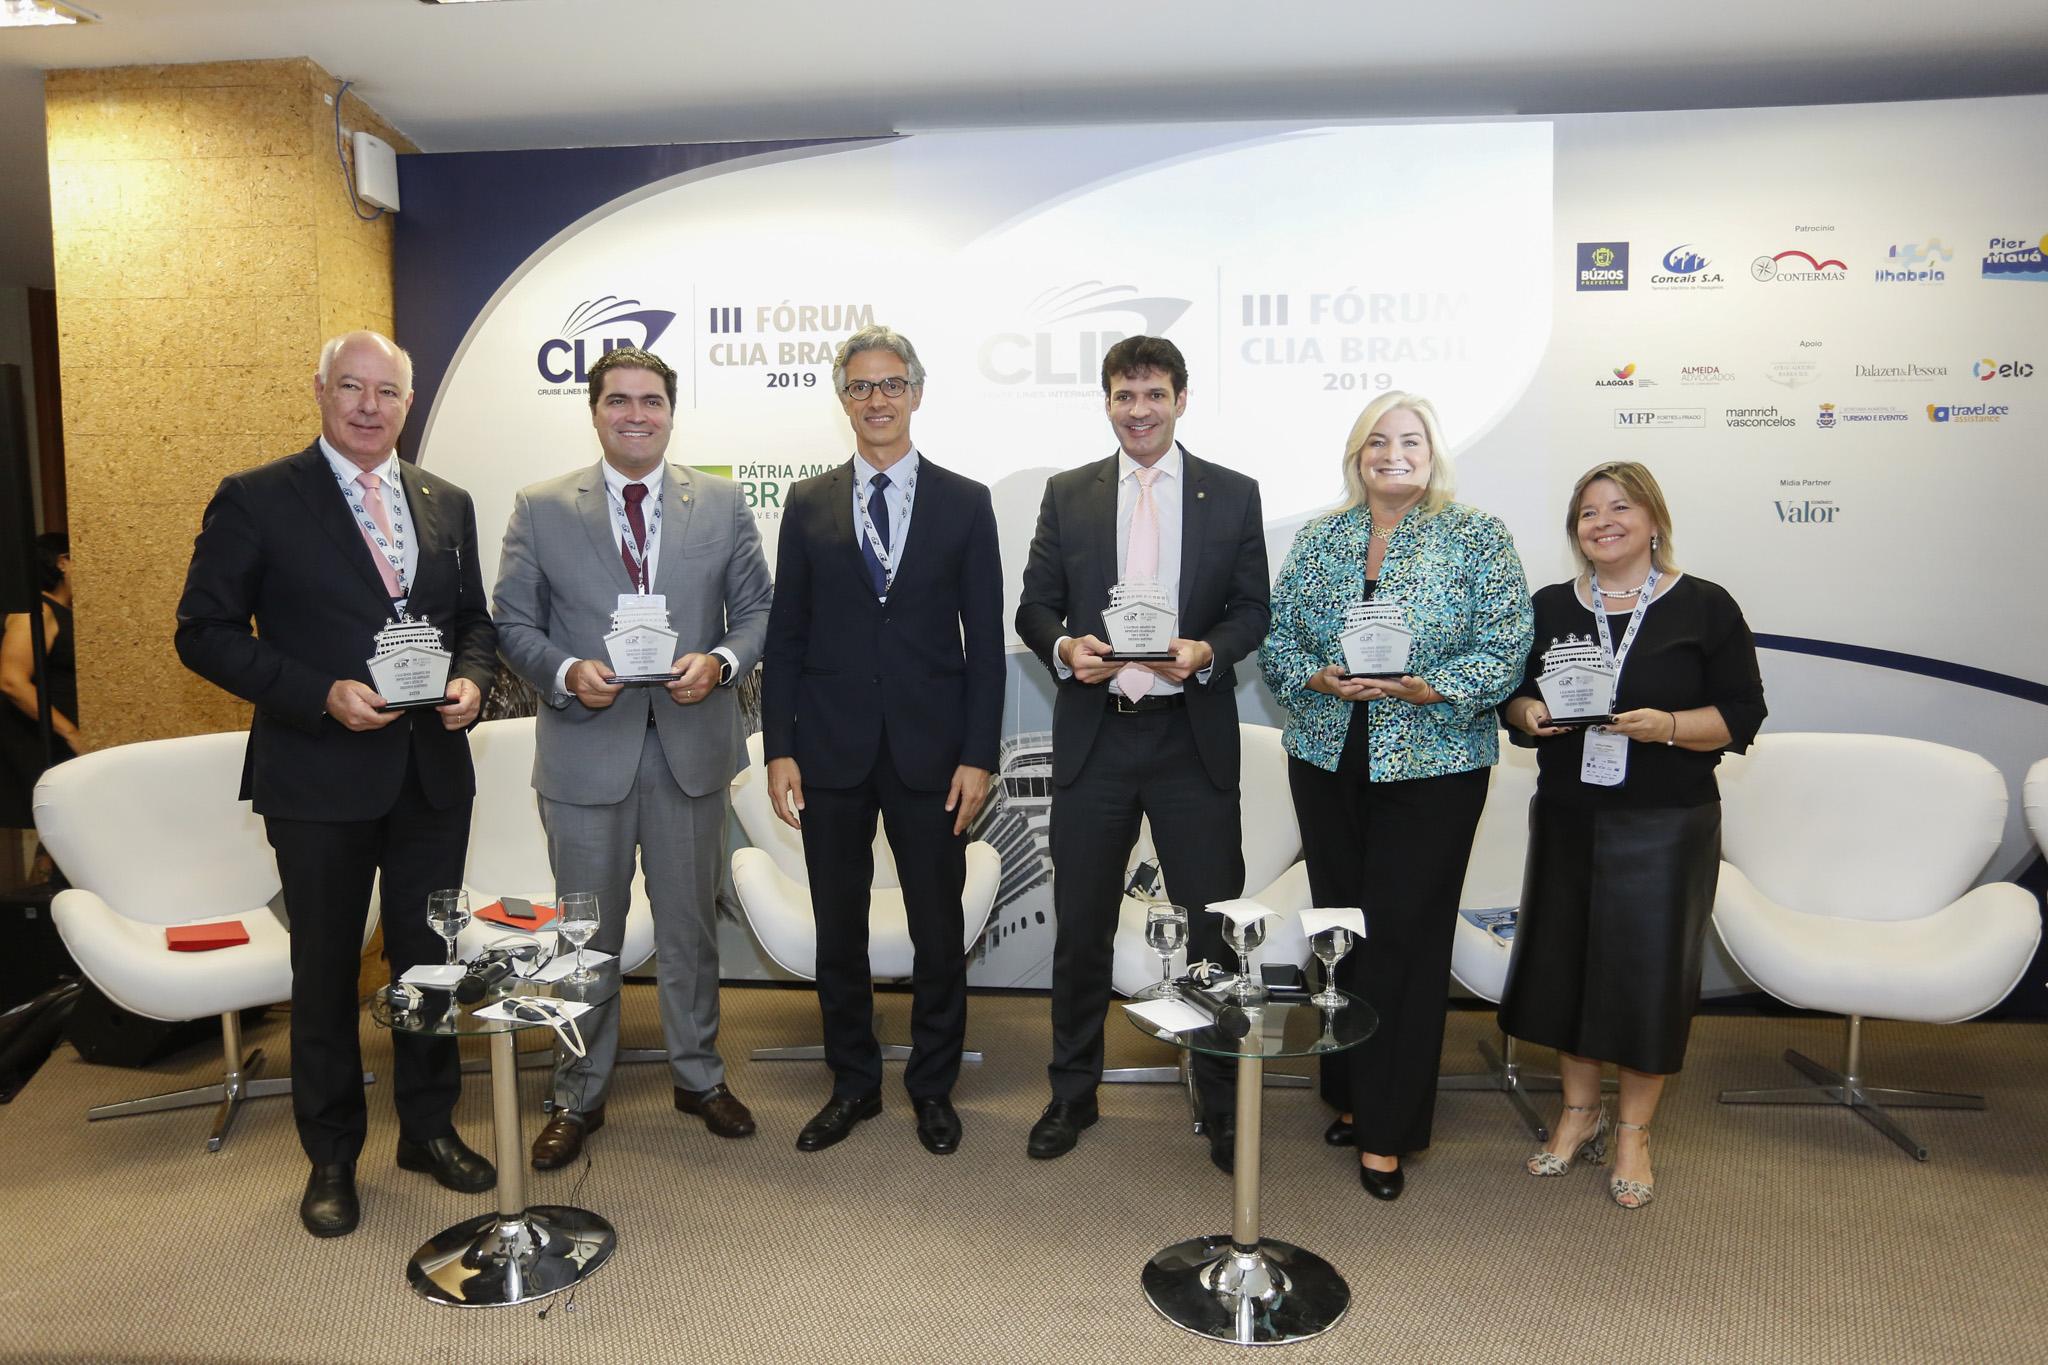 Dados, projetos e parcerias promissoras foram anunciados durante o III Fórum CLIA Brasil 2019 Evento aconteceu na sede do Ministério do Turismo, em Brasília